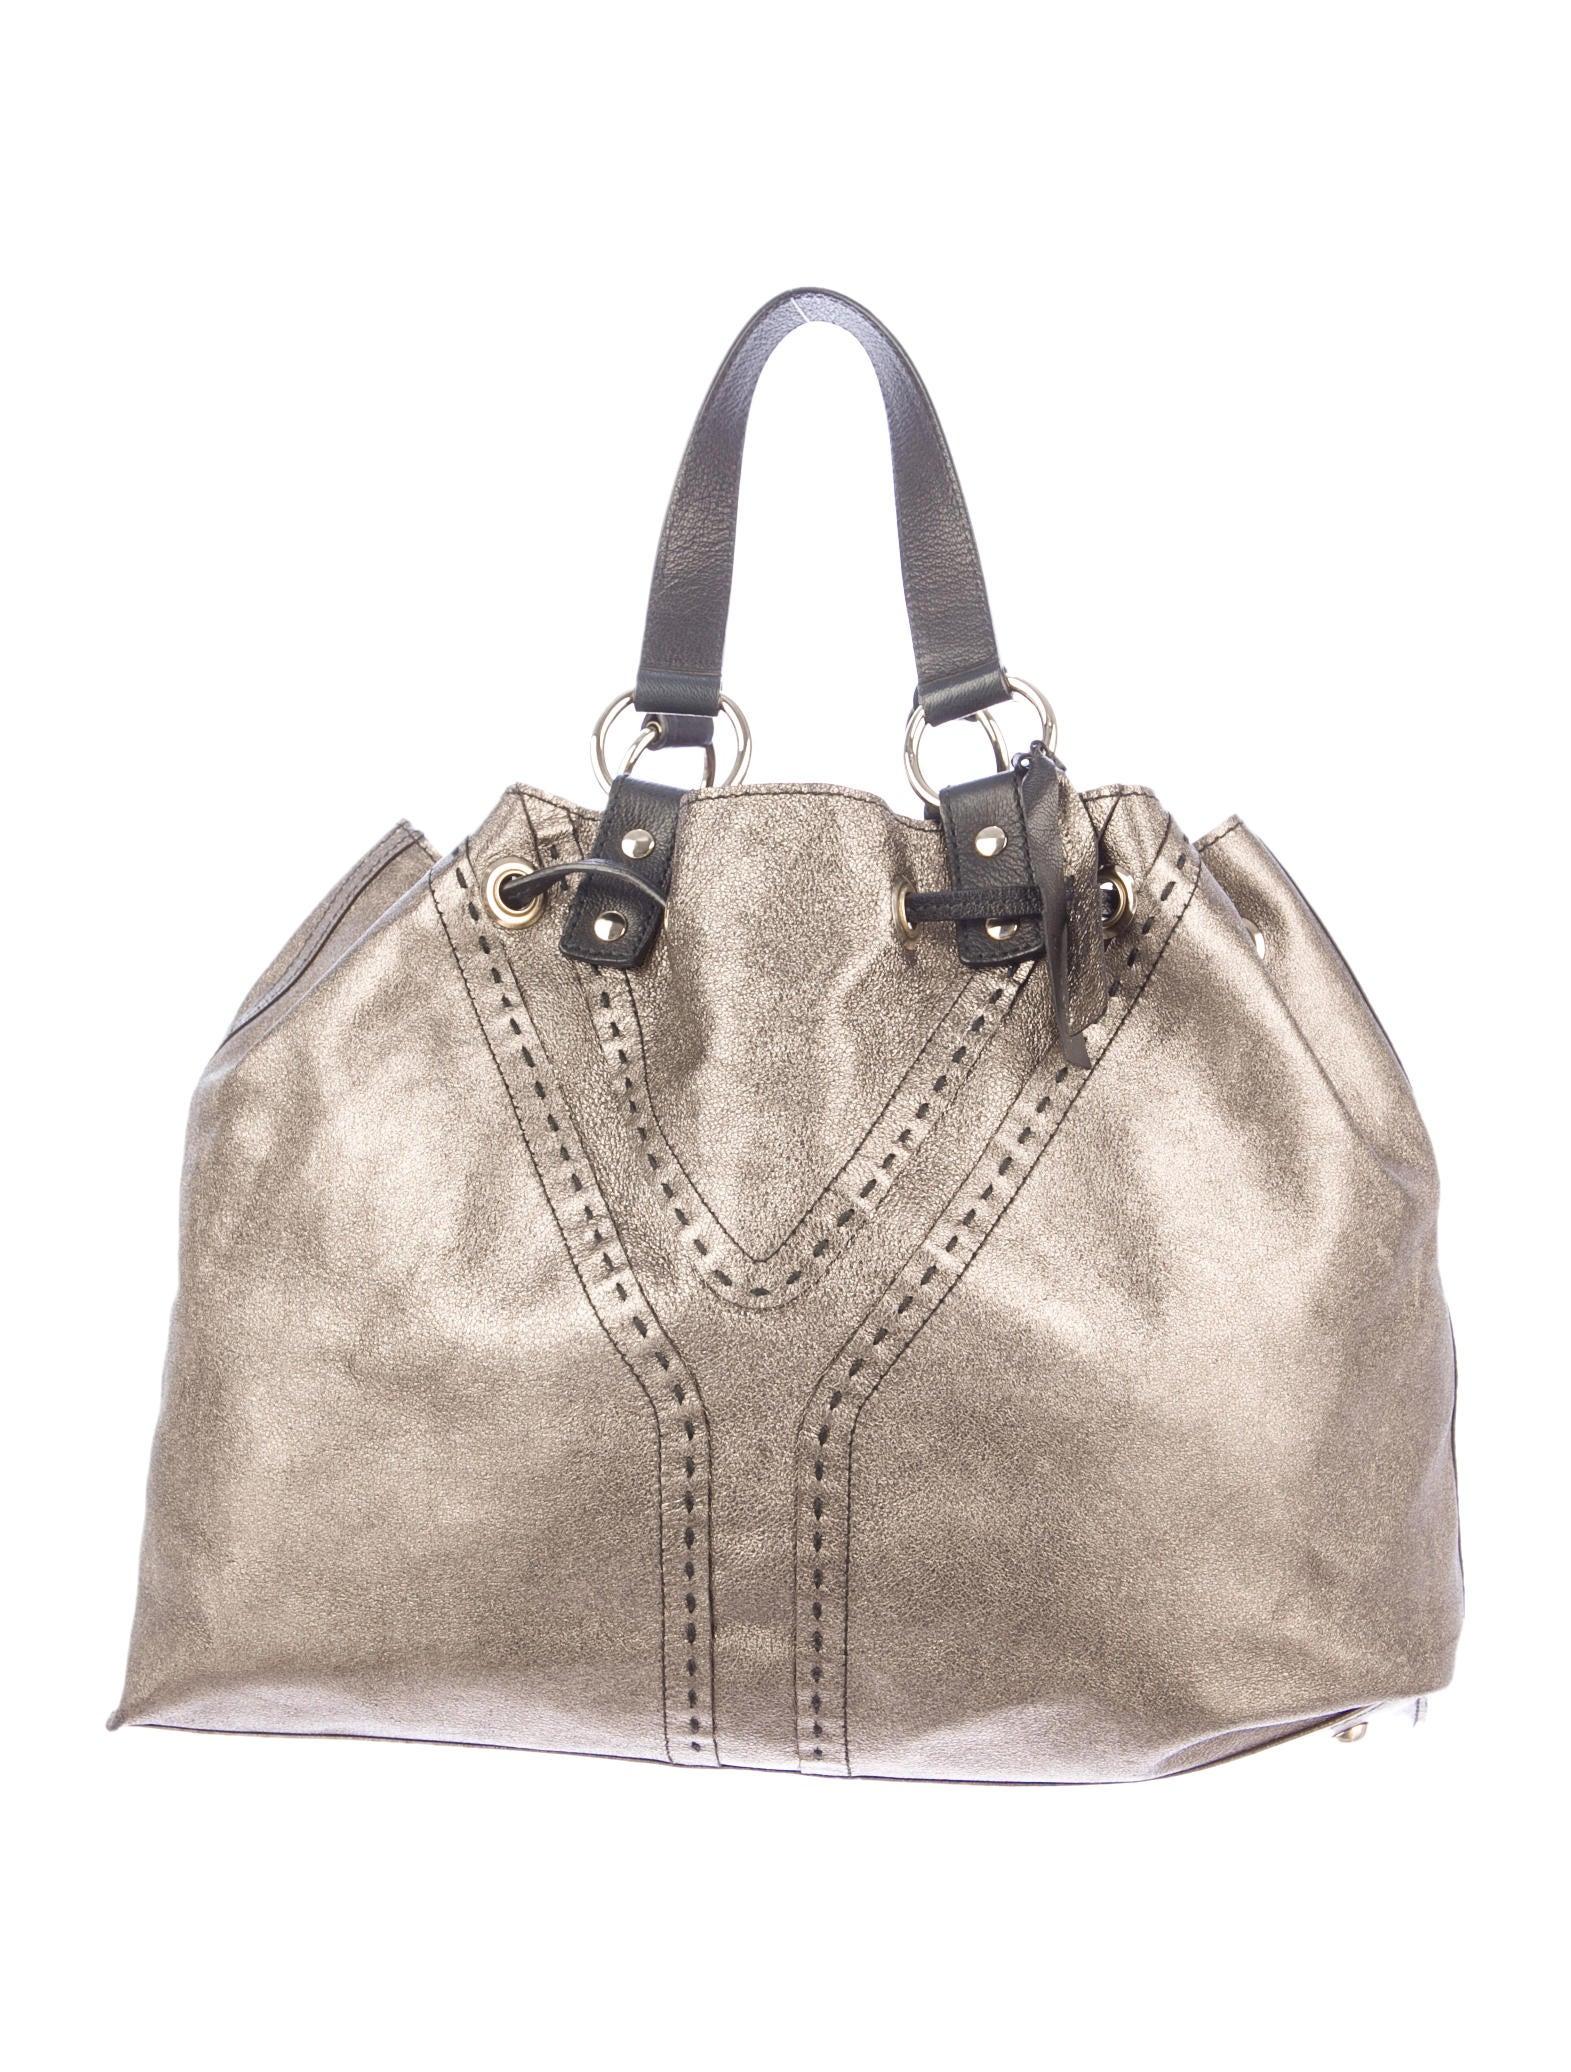 yves saint laurent clutch sale - Yves Saint Laurent Double Sac Reversible Tote - Handbags ...